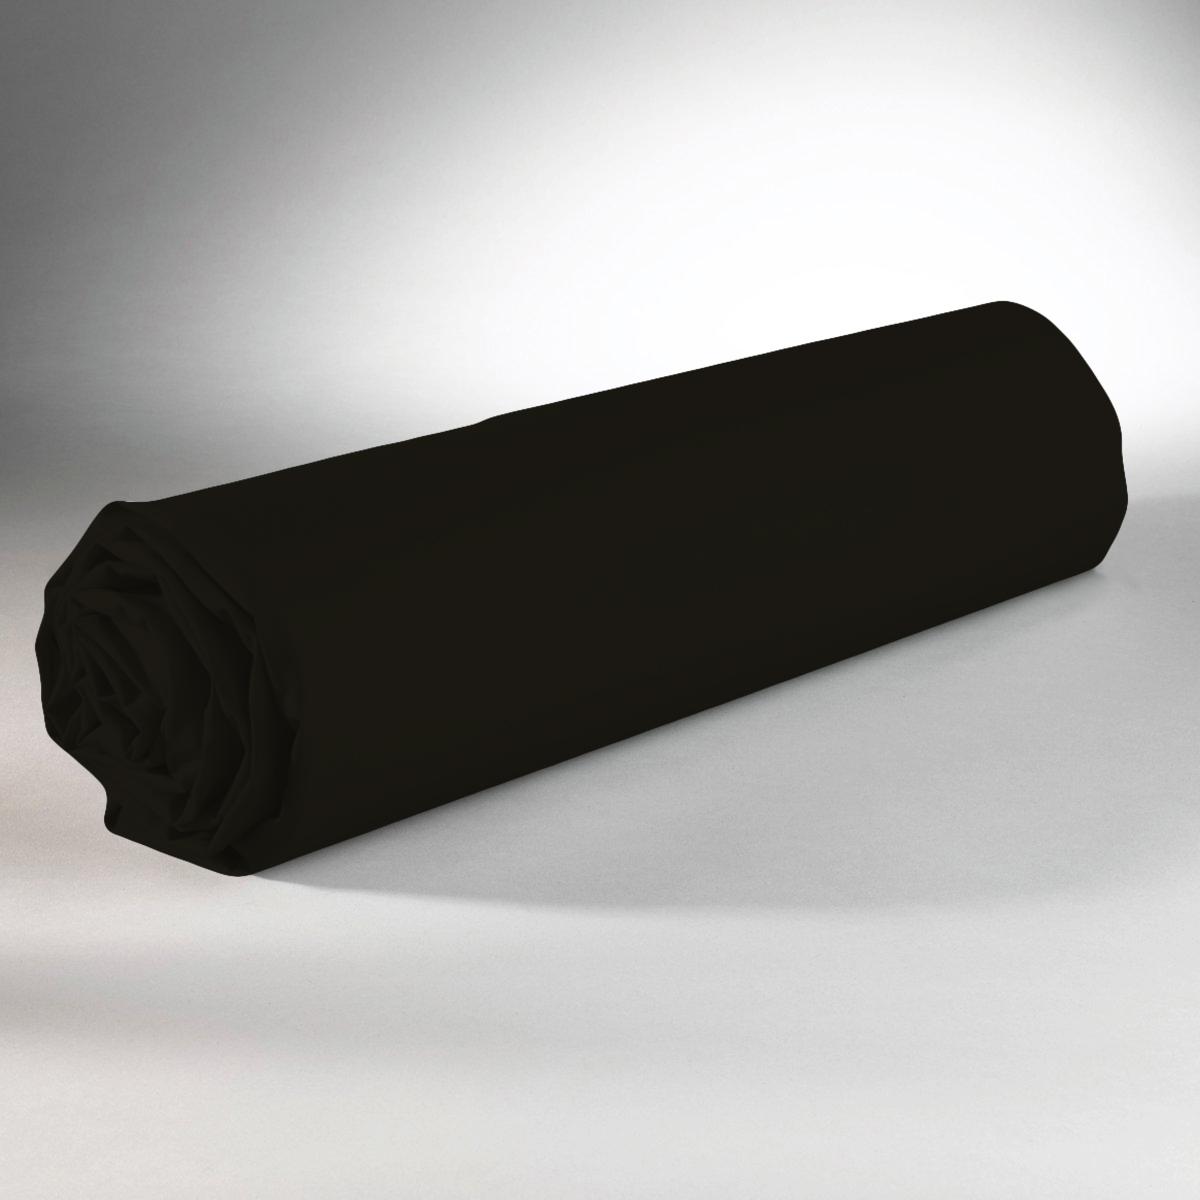 Drap housse 100% coton 160x200+25 noir